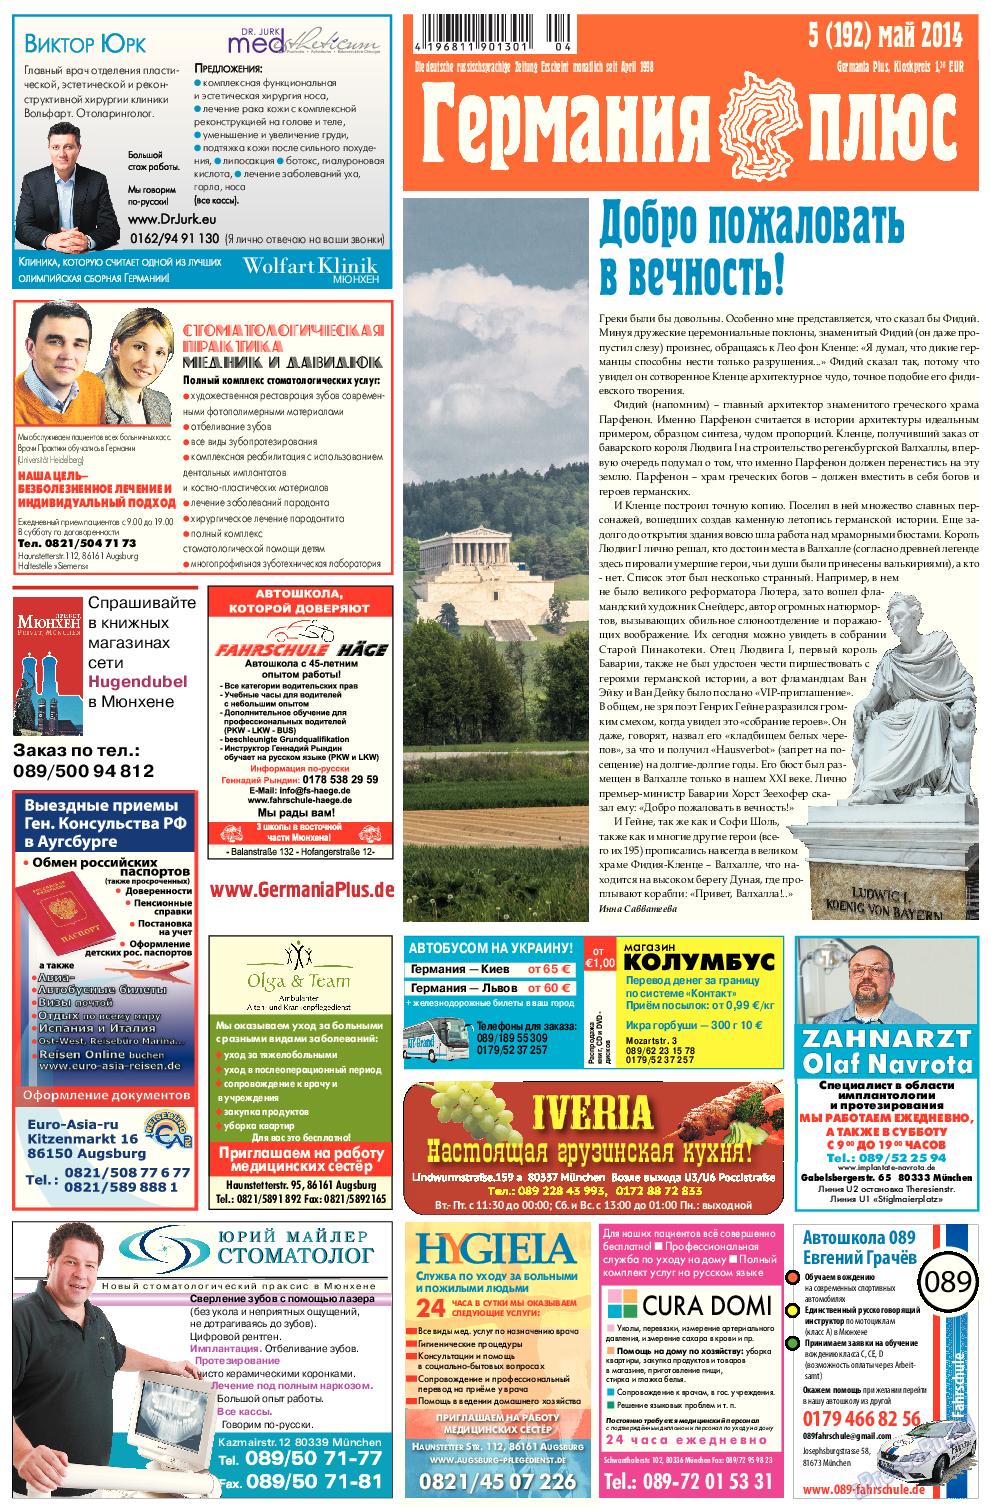 Германия плюс (газета). 2014 год, номер 5, стр. 1